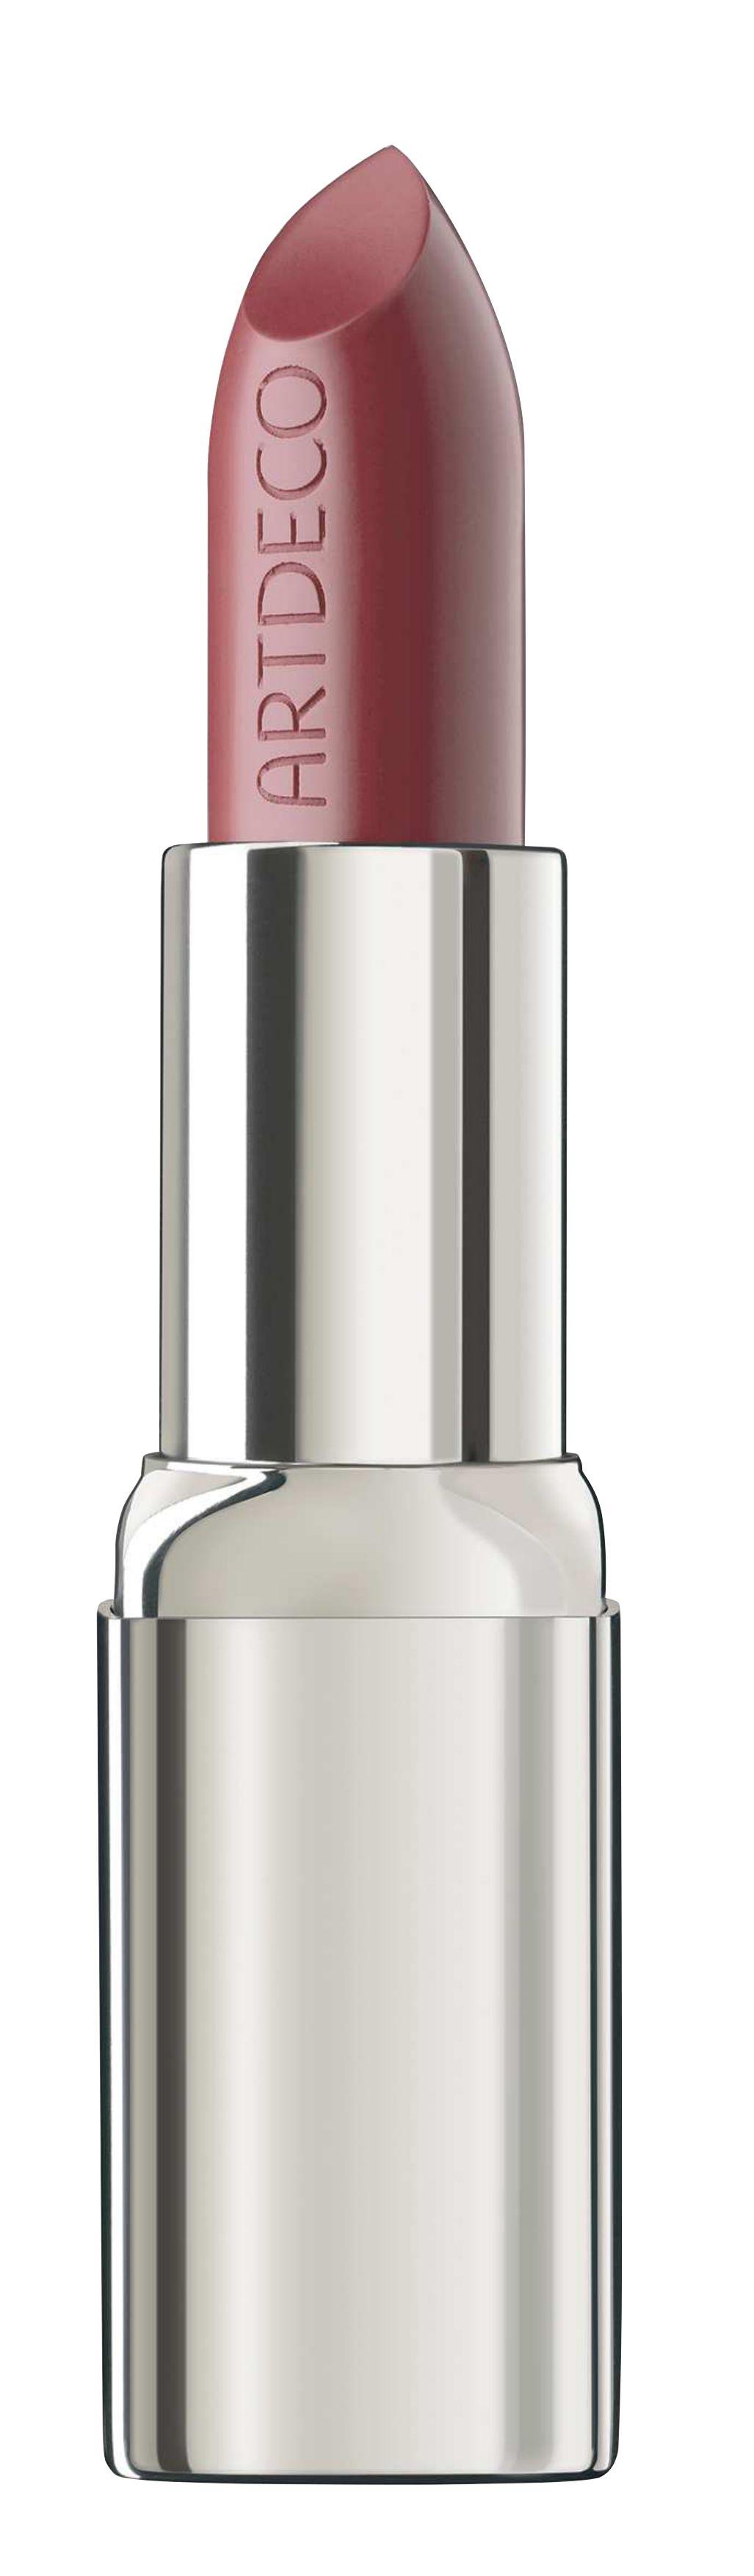 Artdeco помада для губ придающая объем High performance 465 4гKF1120Роскошная текстура насытит губы объемом, благодаря специальному запатентованному компоненту Макси лип, и придаст вашим губам непревзойденную женственность и чувственность! Специальная формула смягчает губы с помощью пантенола и витамина Е. Наивысшая концентрация олигопептидов клетка за клеткой обновляет кожу ваших губ, они готовы к новым улыбкам и поцелуям…